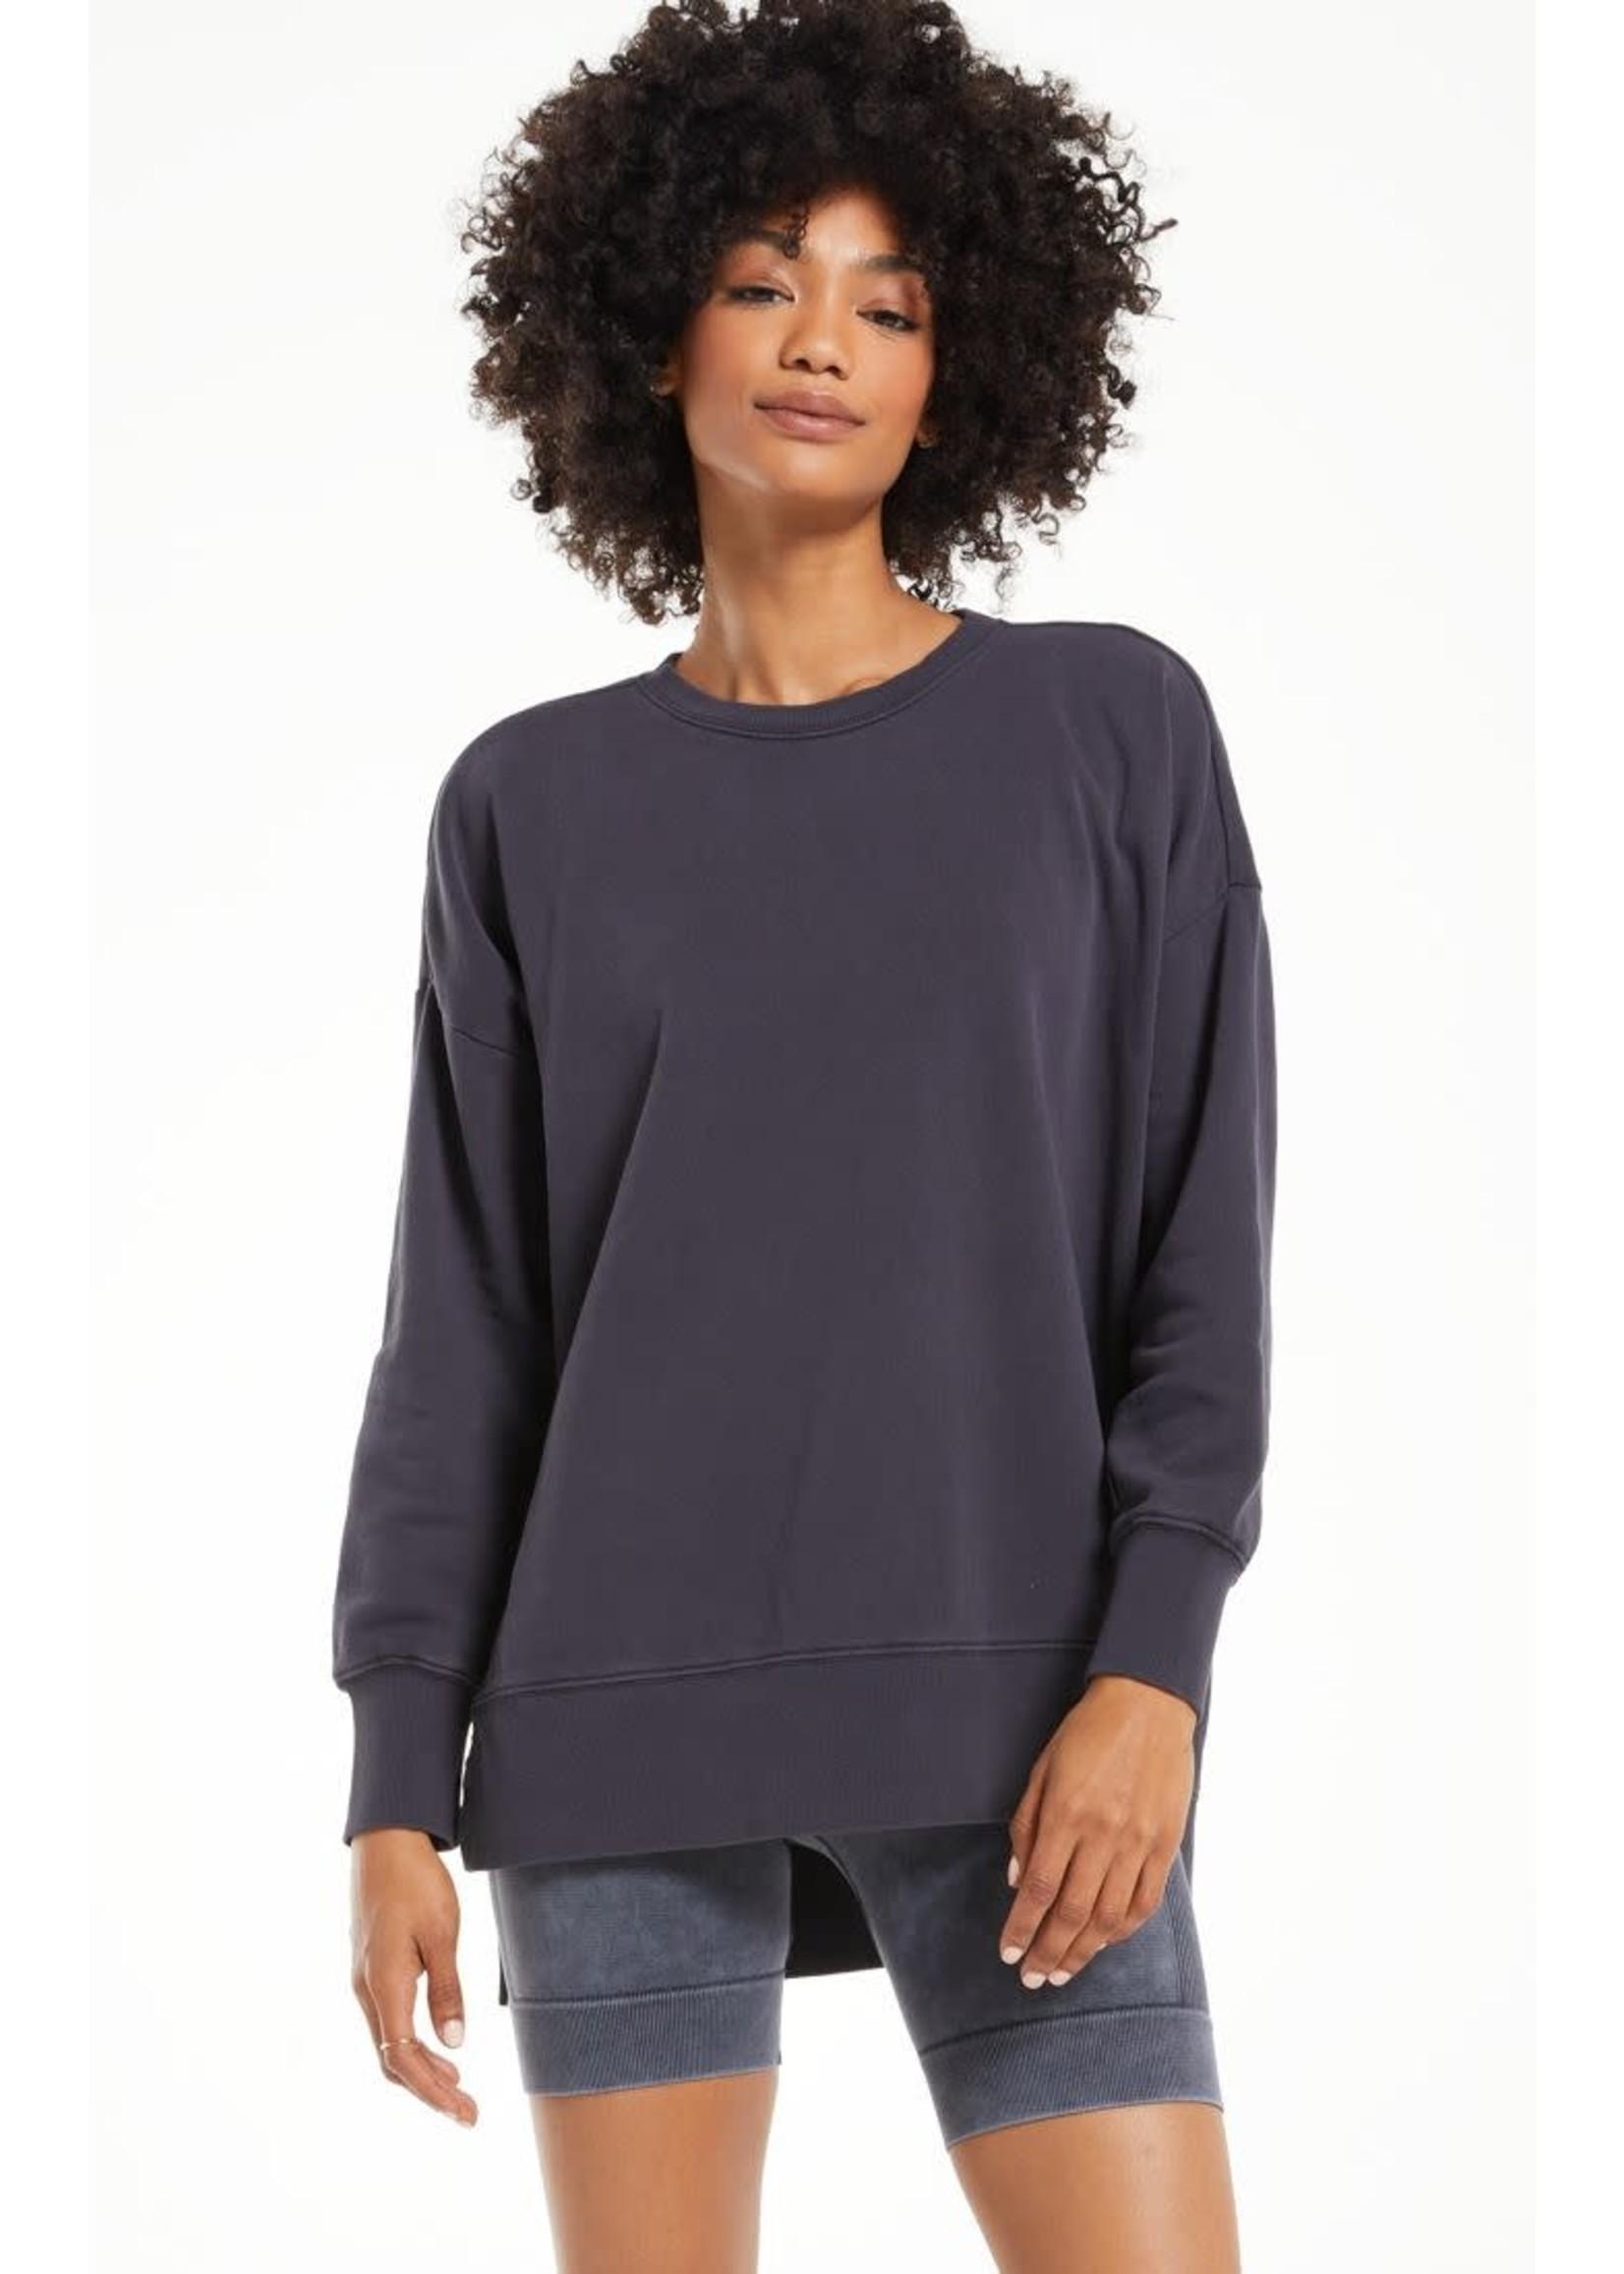 Z Supply Layer Up Sweatshirt - ZLT213116